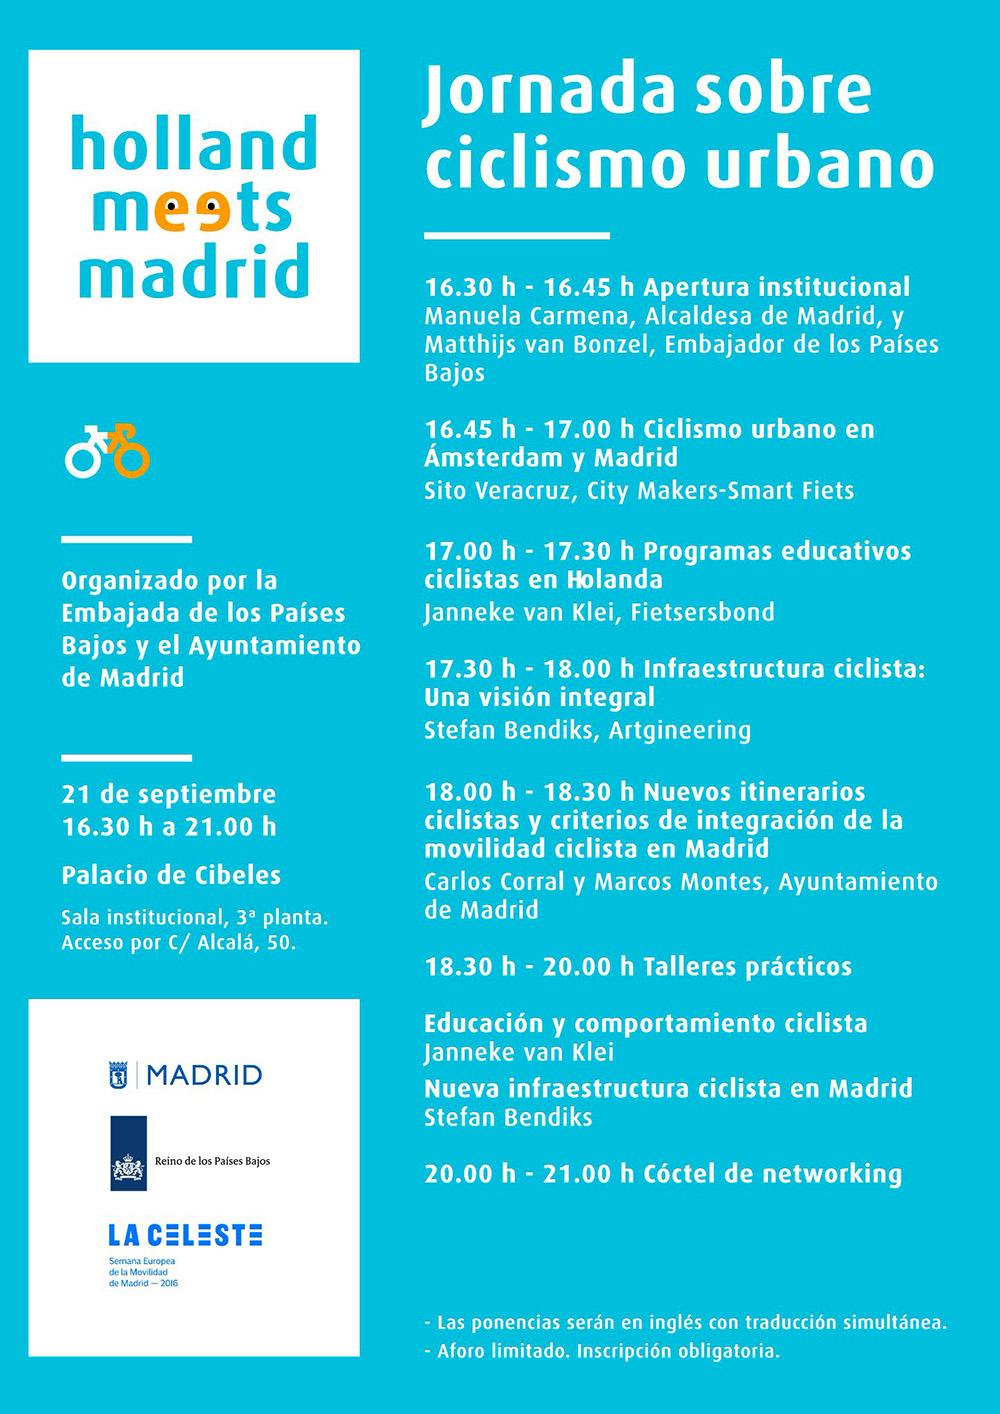 Programa de la Jornada «Holland meets Madrid»